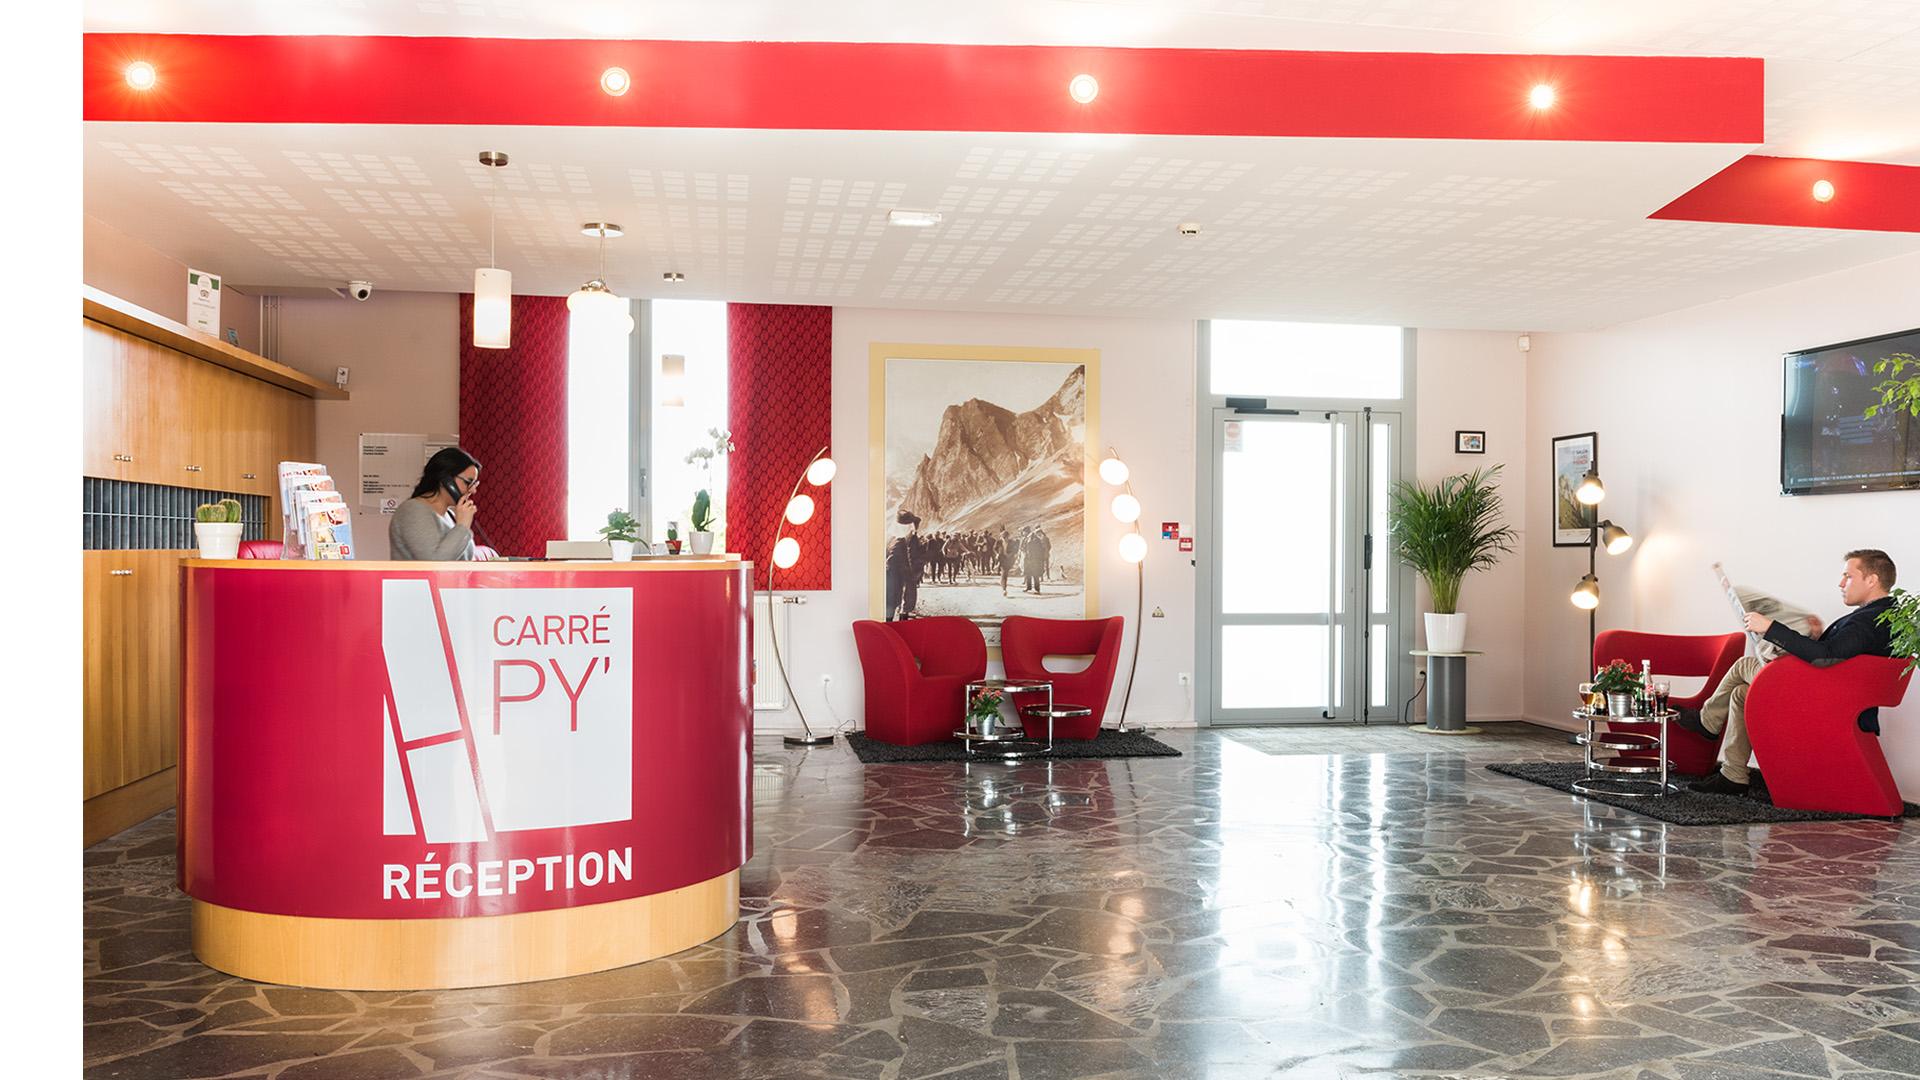 Le Hall d'accueil - La Réception du Carré Py' Hôtel***